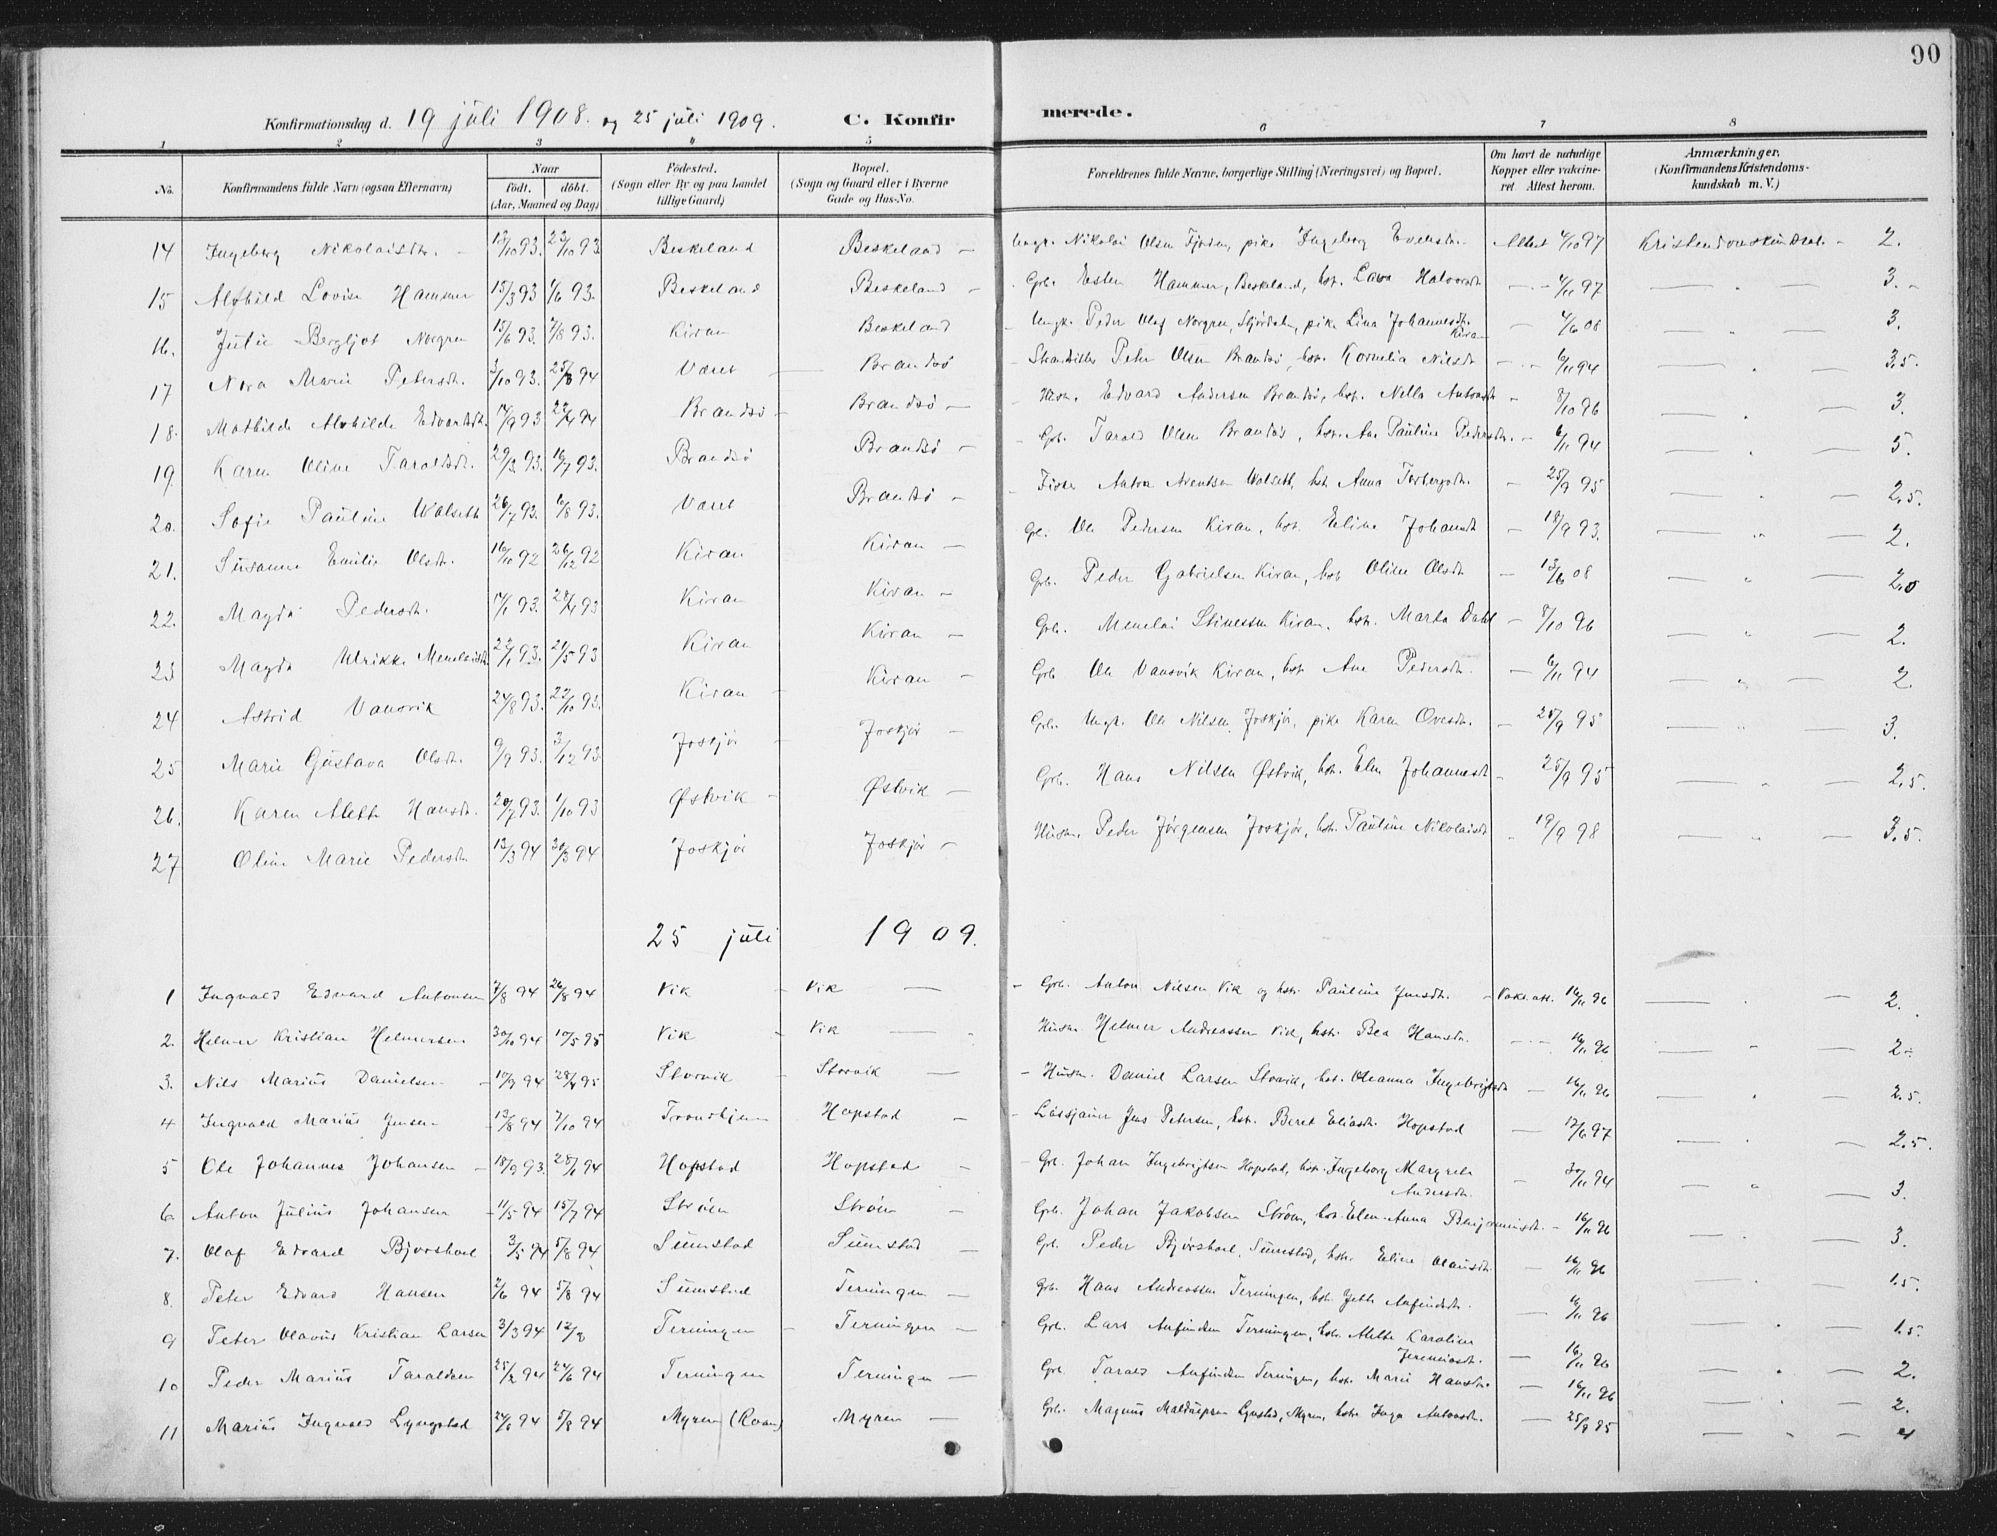 SAT, Ministerialprotokoller, klokkerbøker og fødselsregistre - Sør-Trøndelag, 657/L0709: Ministerialbok nr. 657A10, 1905-1919, s. 90